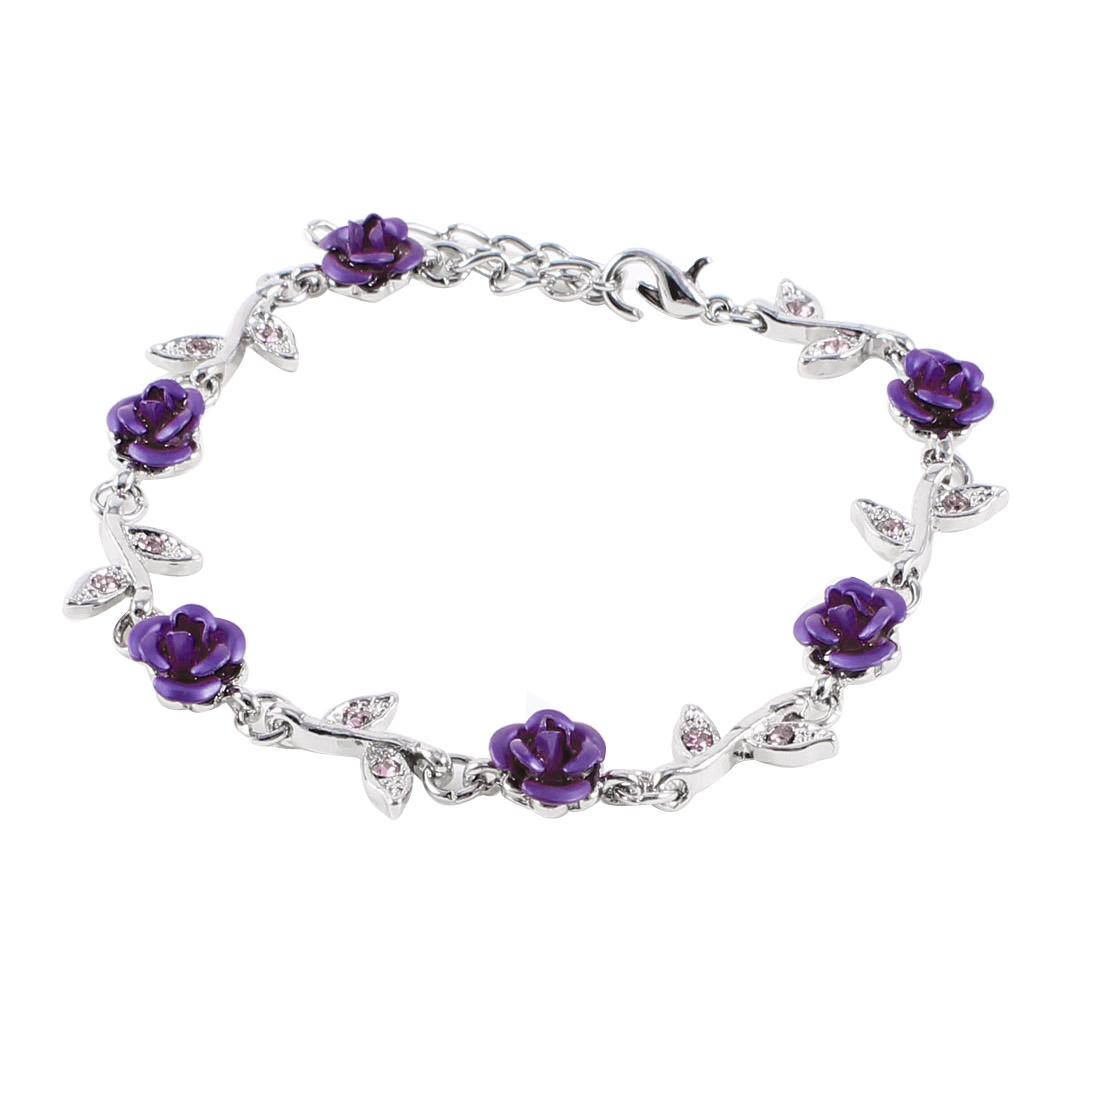 Girl Metallic Dark Purple Roses Leaves Detail Adjustable Chain Bracelet Bangle